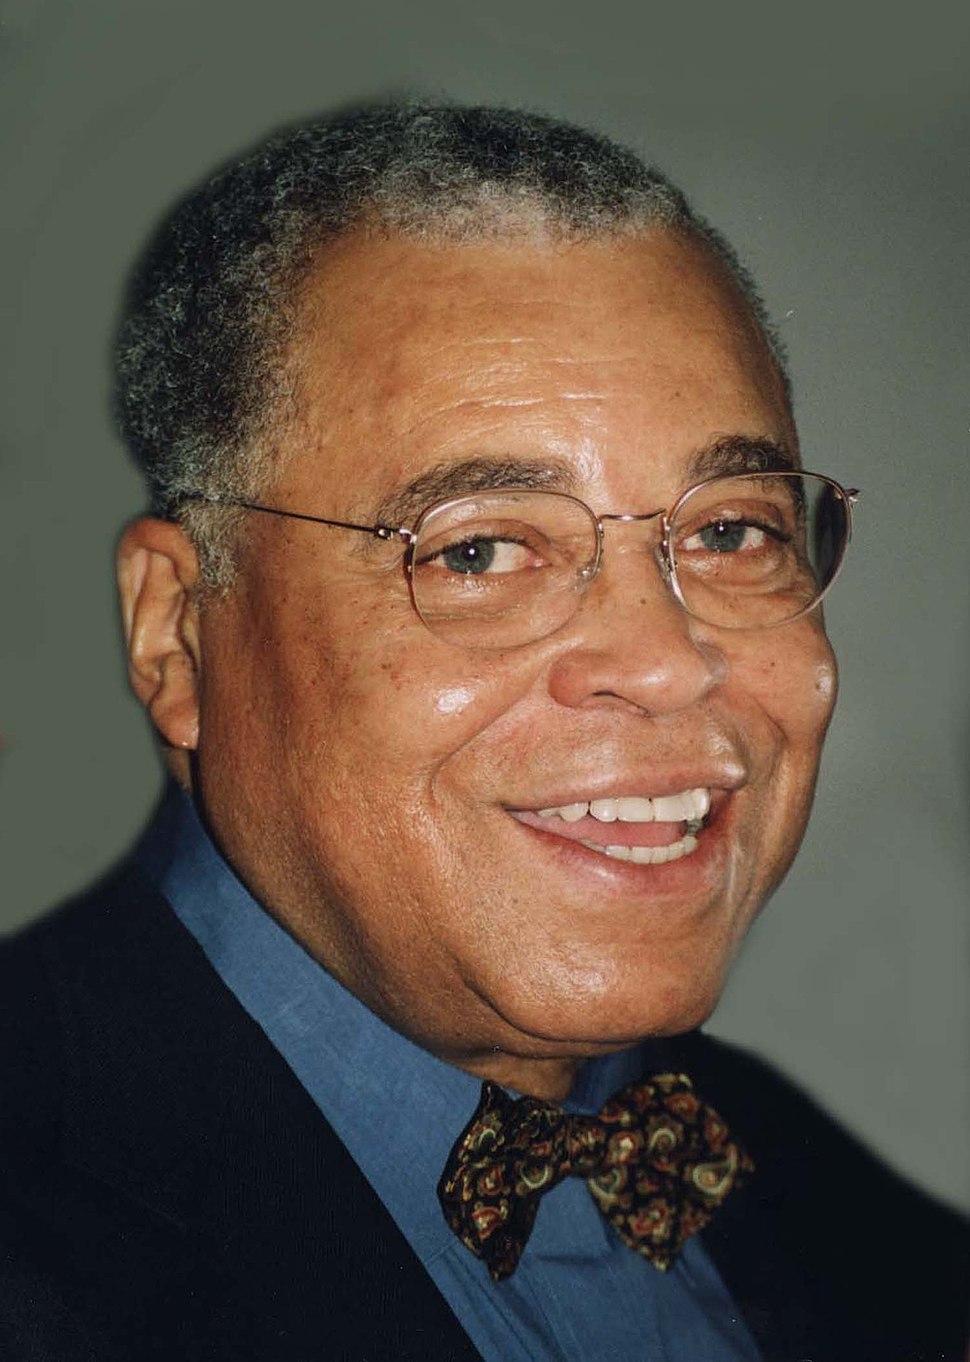 James Earl Jones Baltimore